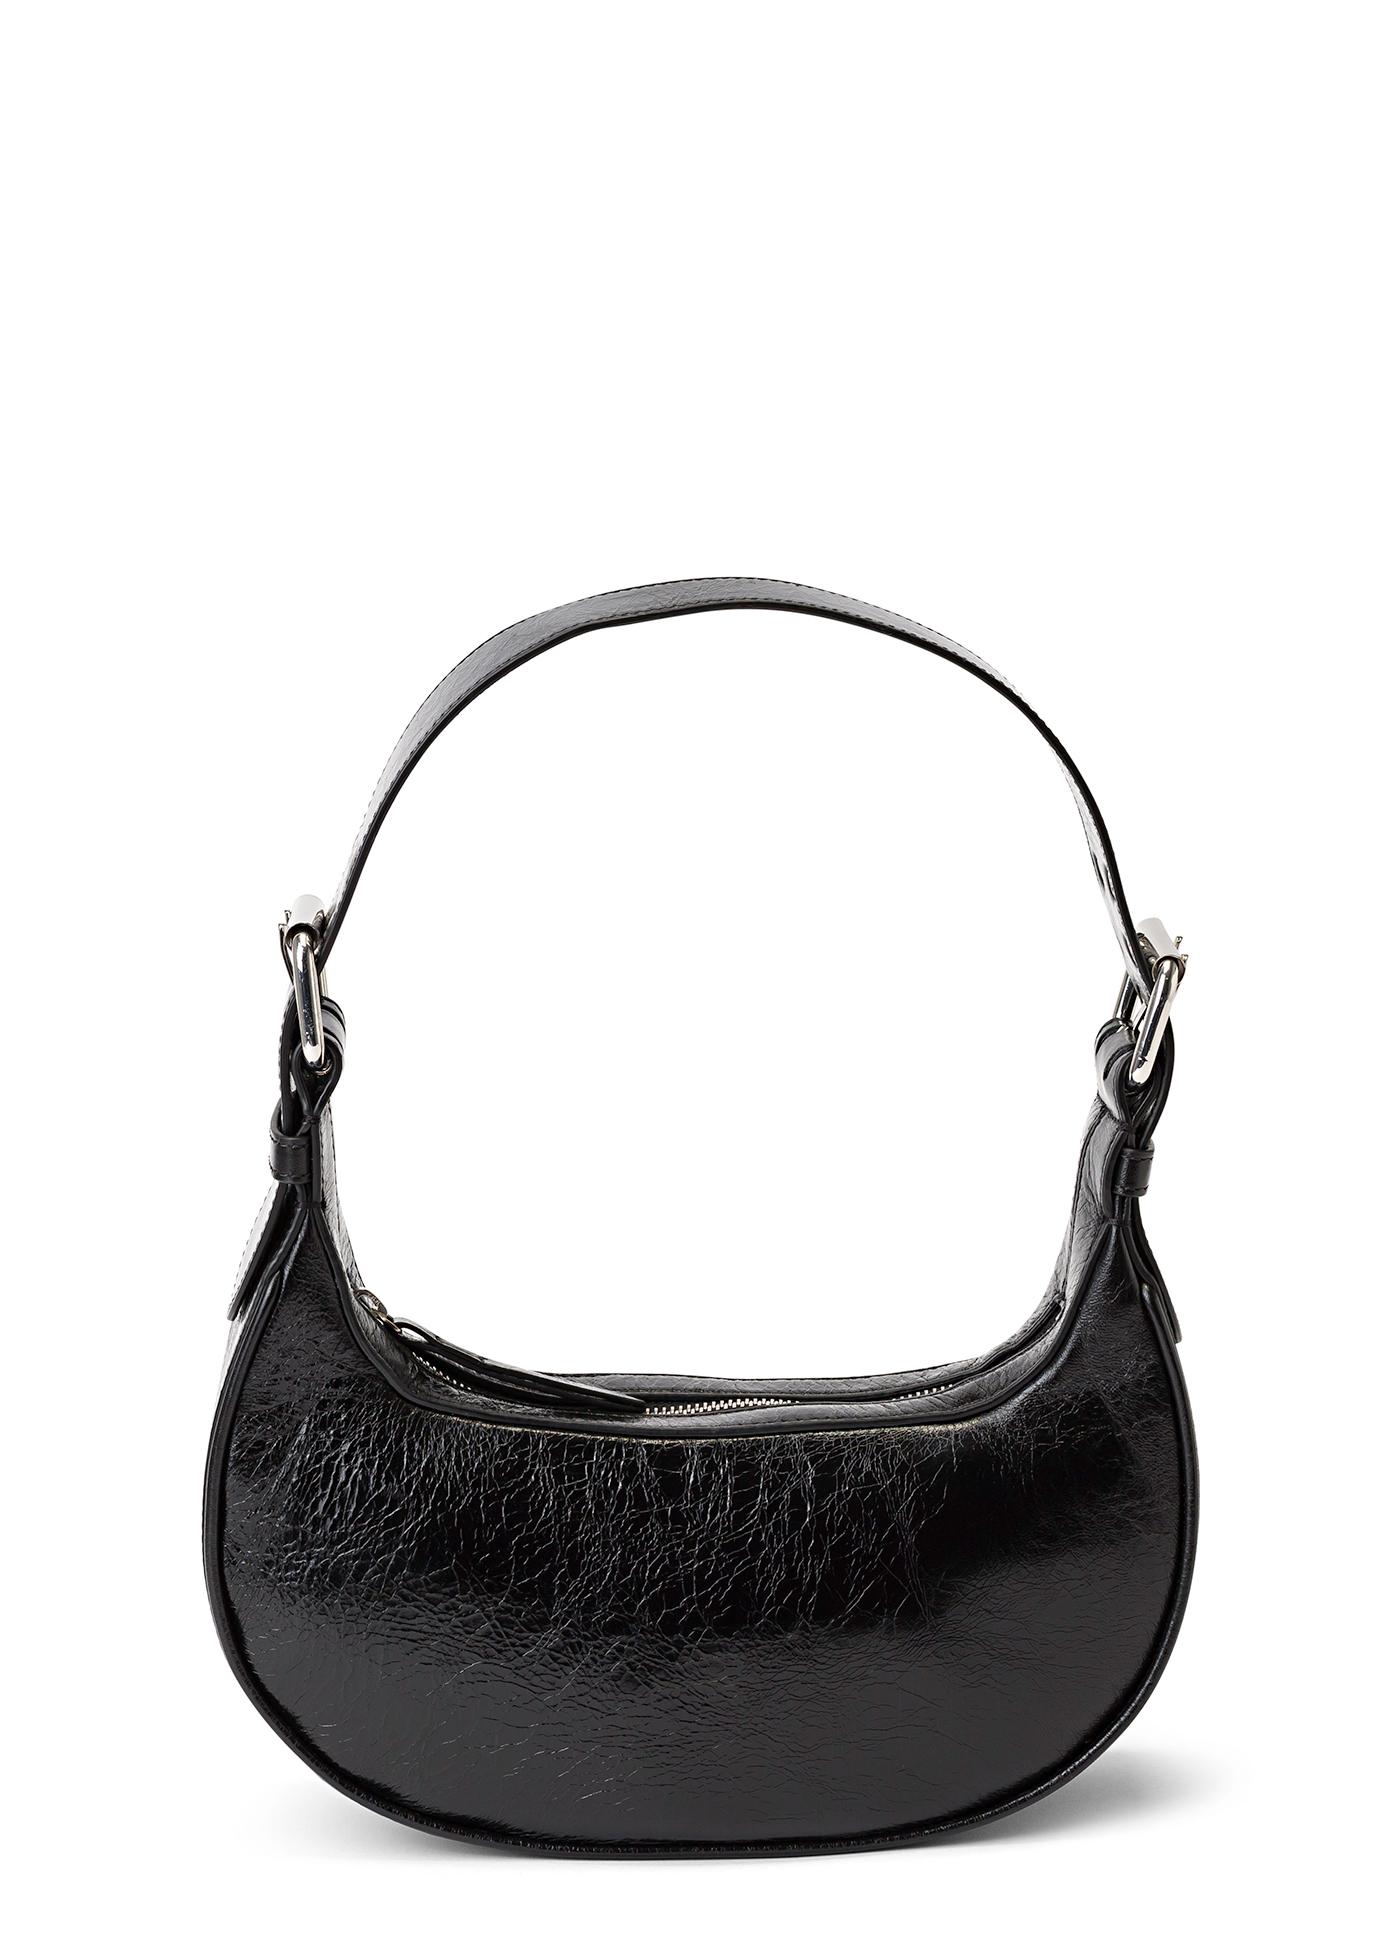 Soho Black Creased Leather image number 0